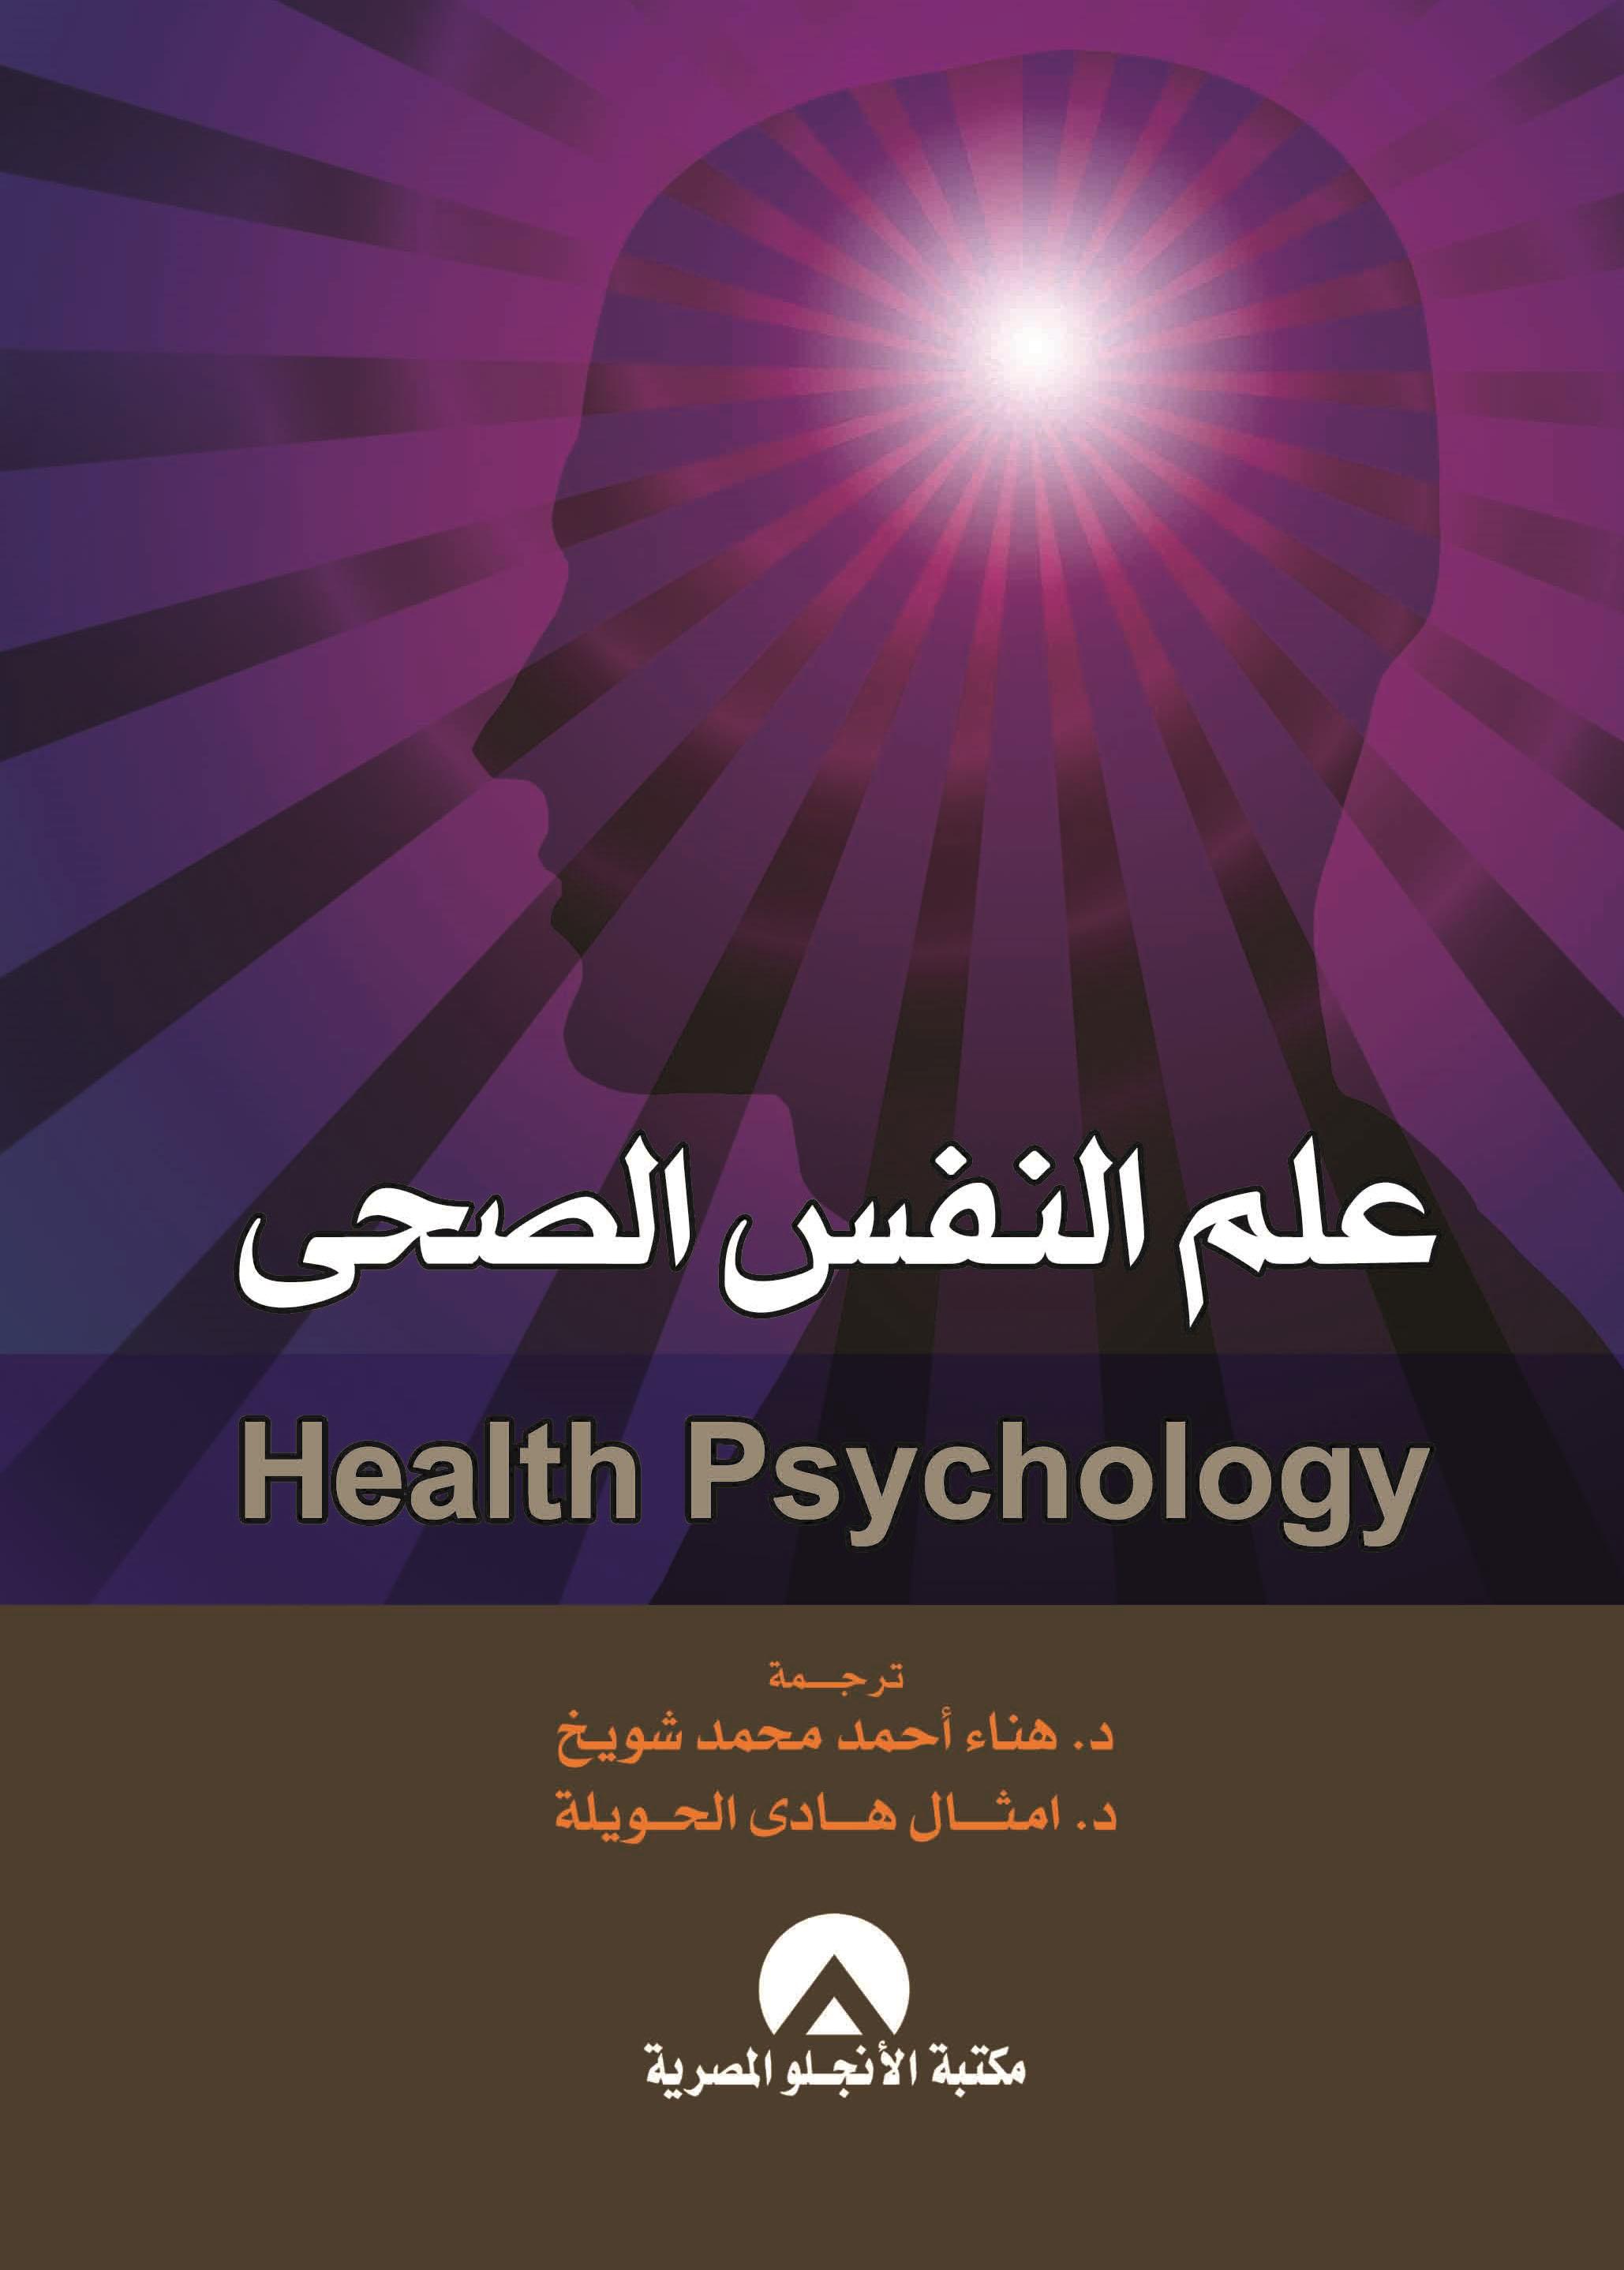 علم النفس الصحي